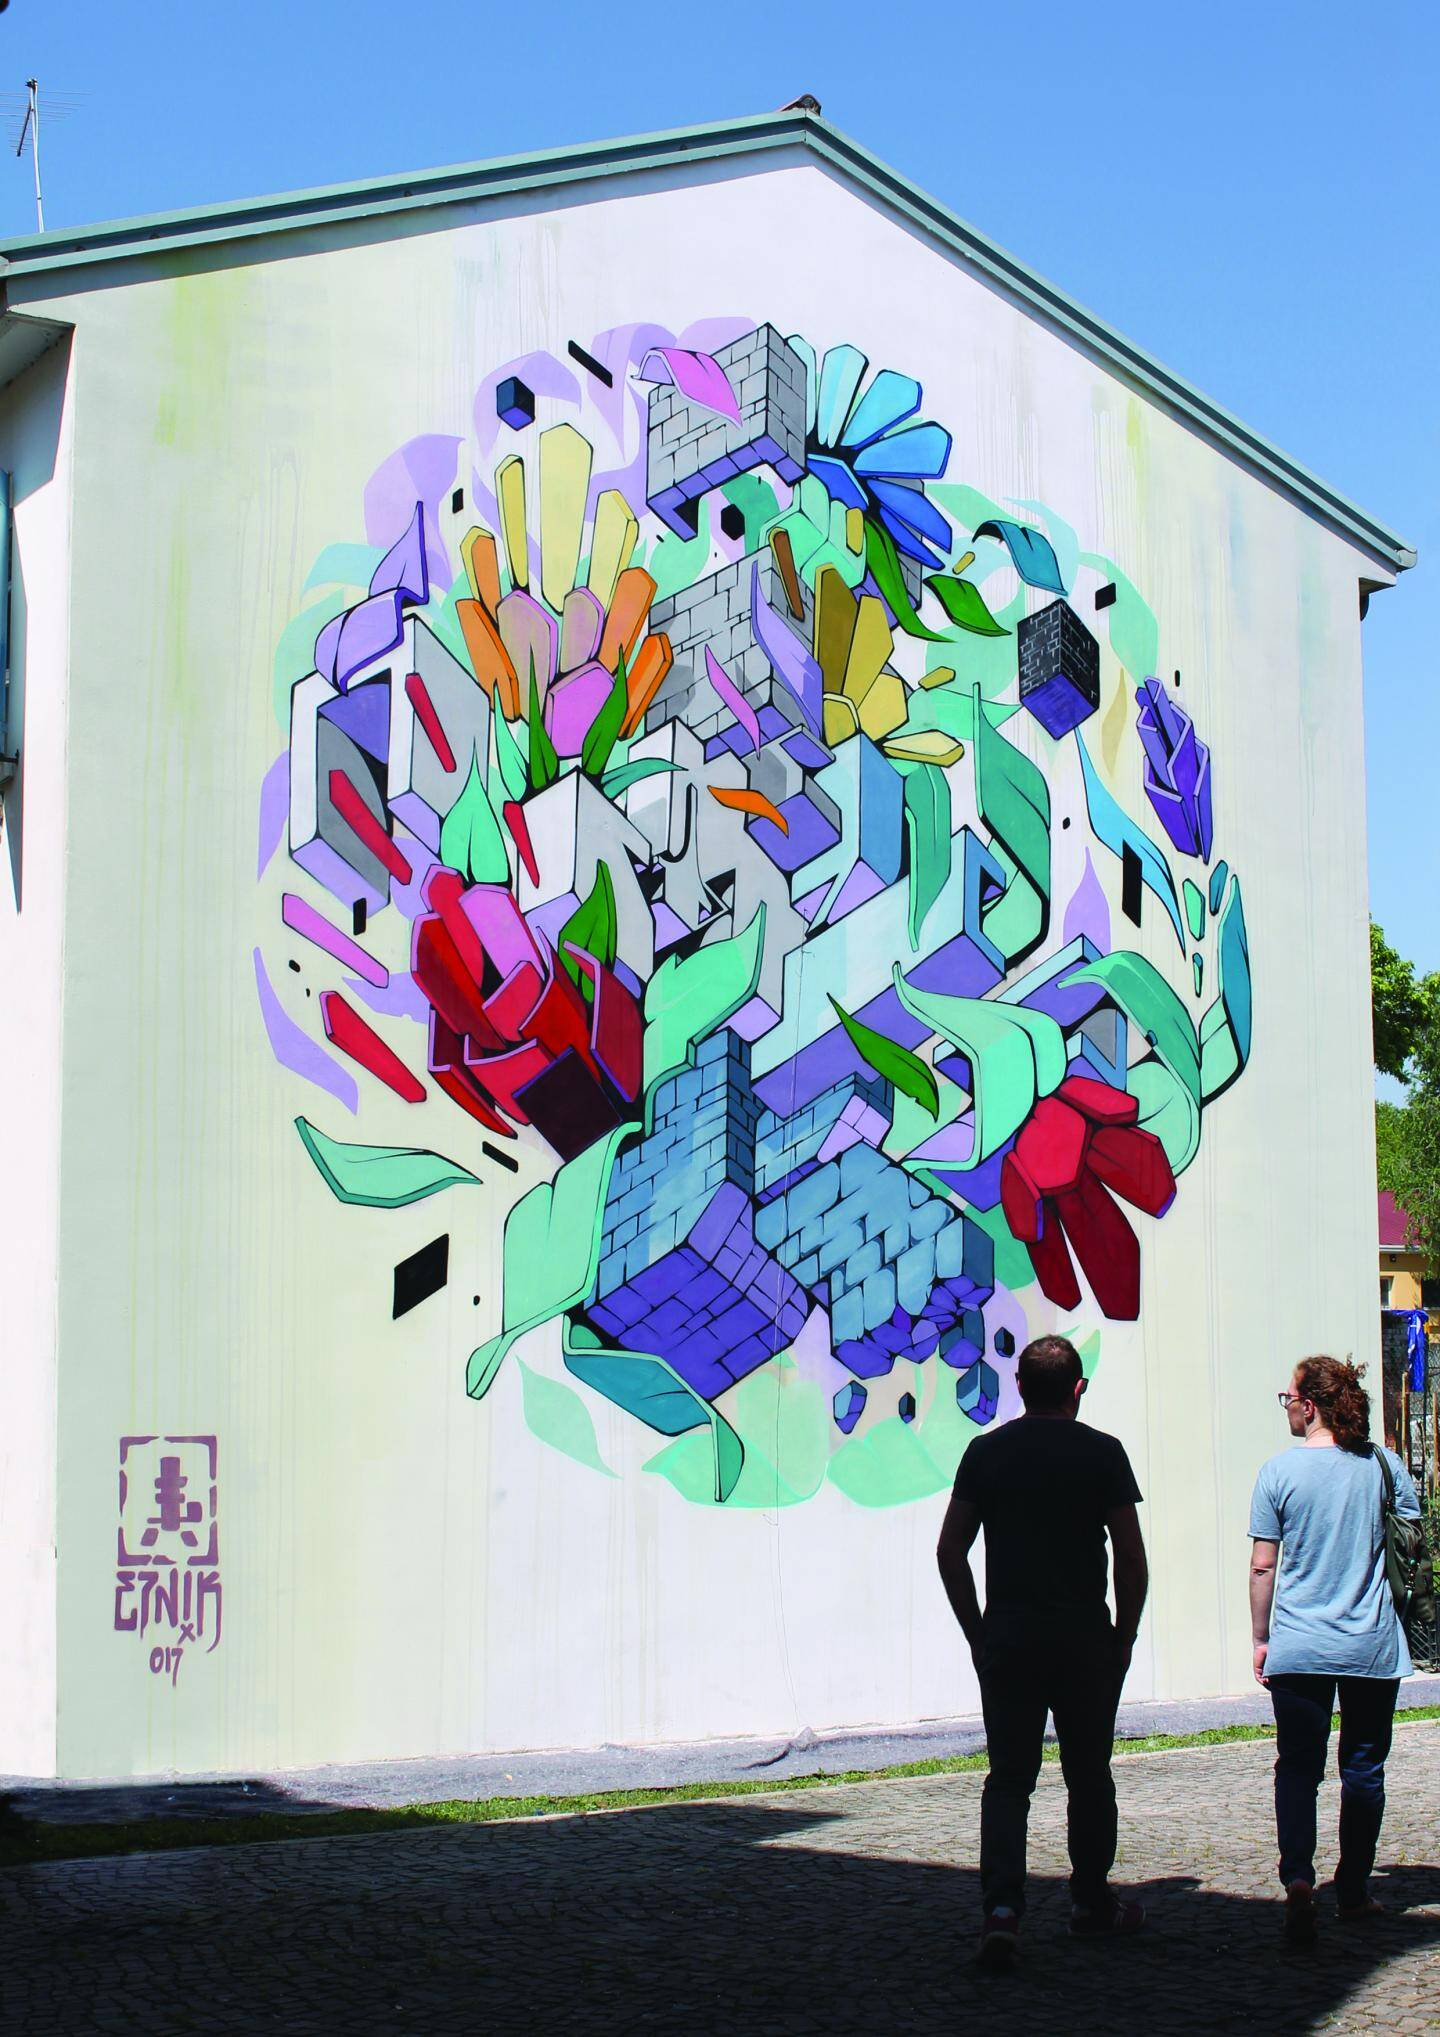 Parmi les artistes invités, le travail intéressant de l'Italien Etnik Coppia sera à découvrir, parmi une petite dizaine de graffeurs venus de toute l'Europe. (DR)